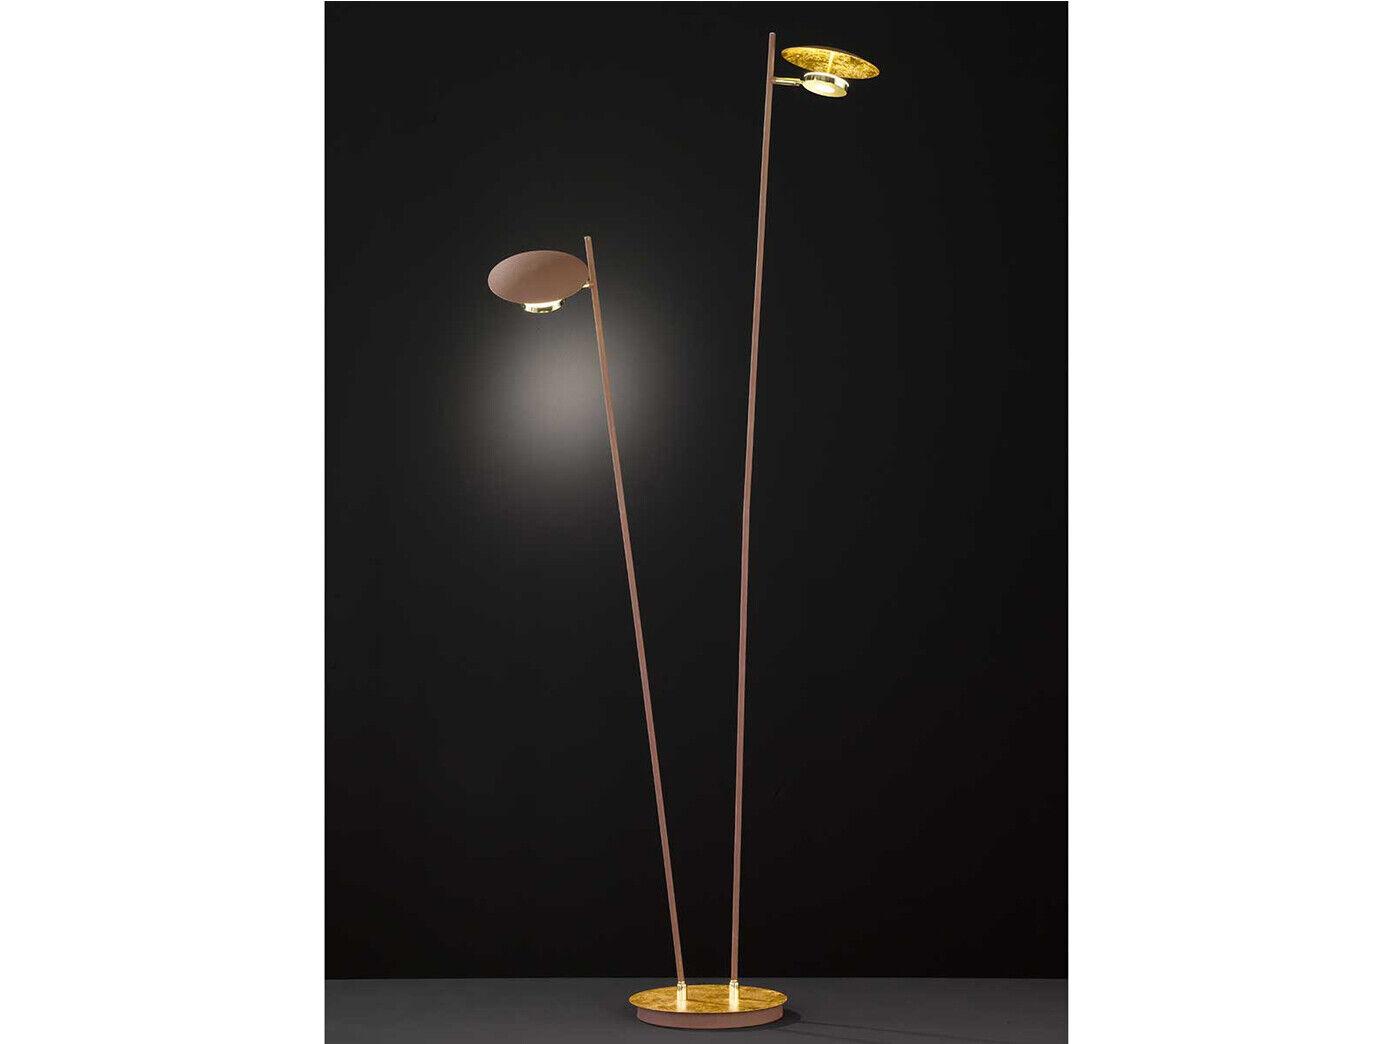 Dimmbare LED Stehleuchte Stehleuchte Stehleuchte Gold   Braun schwenkbar Höhe 150cm 9W - Wohnraumleuchte   Ausgezeichneter Wert     43f6b7